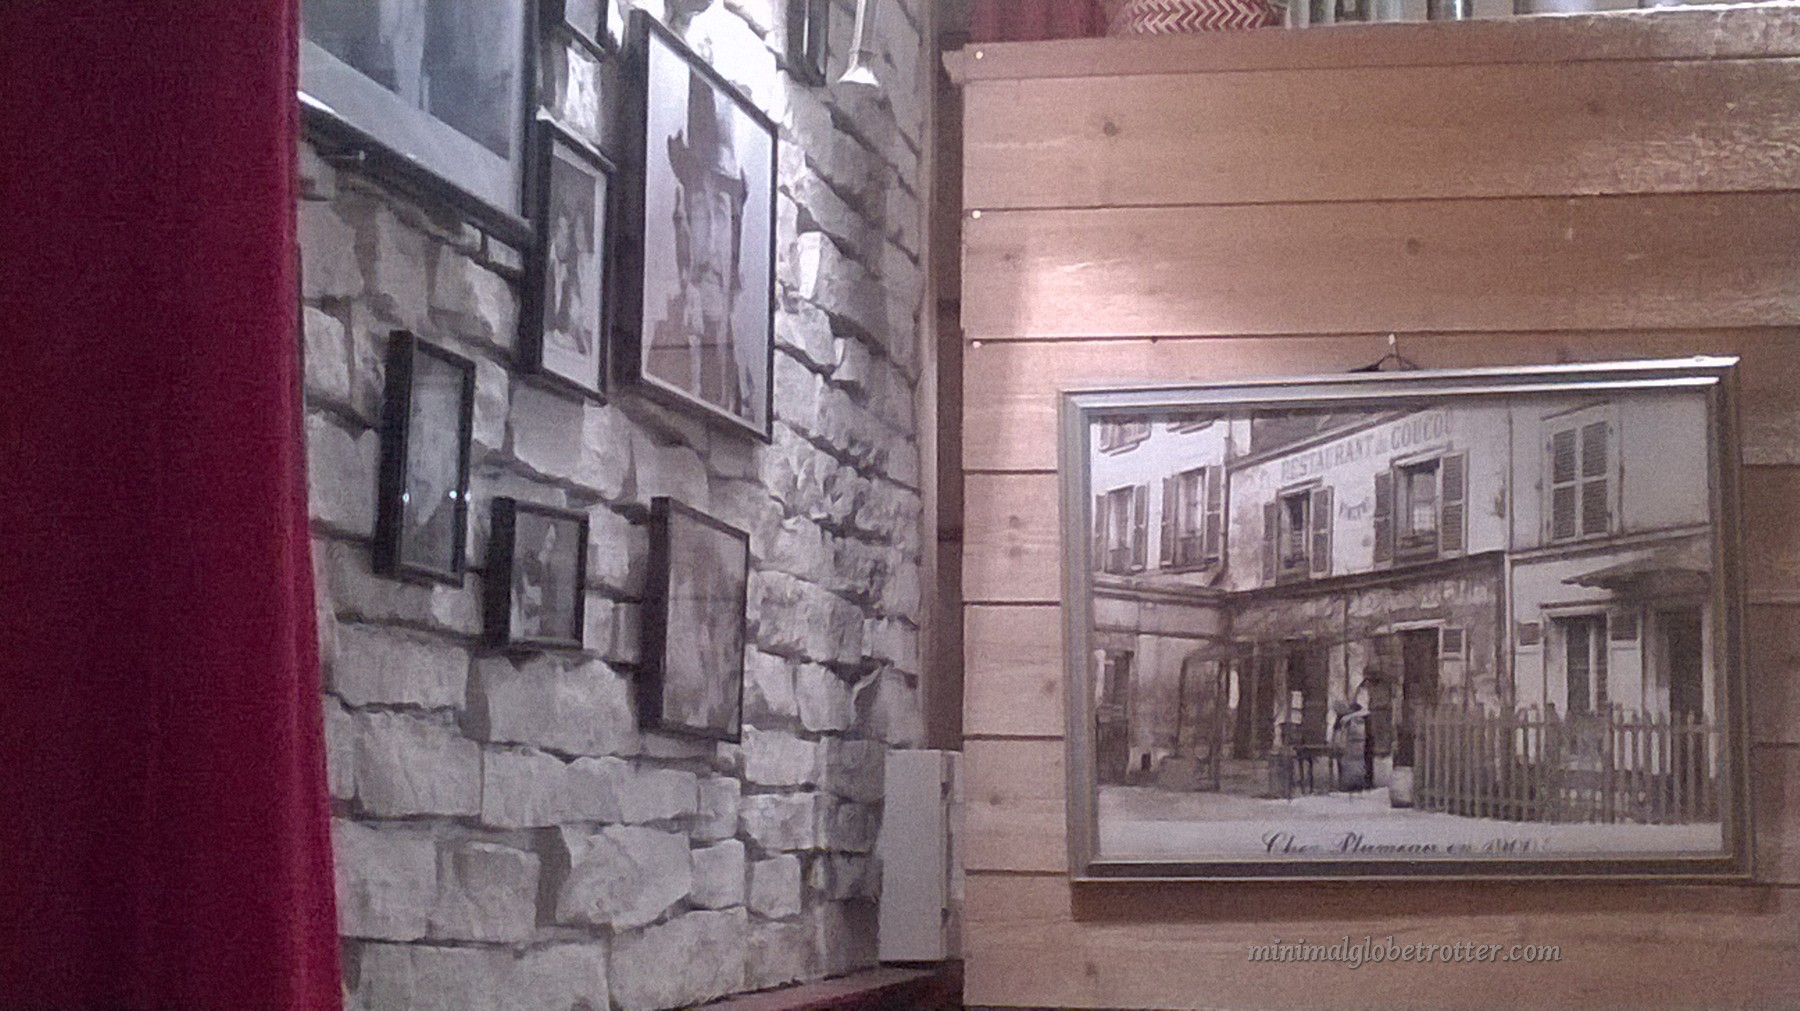 interno ristorante a montmartre